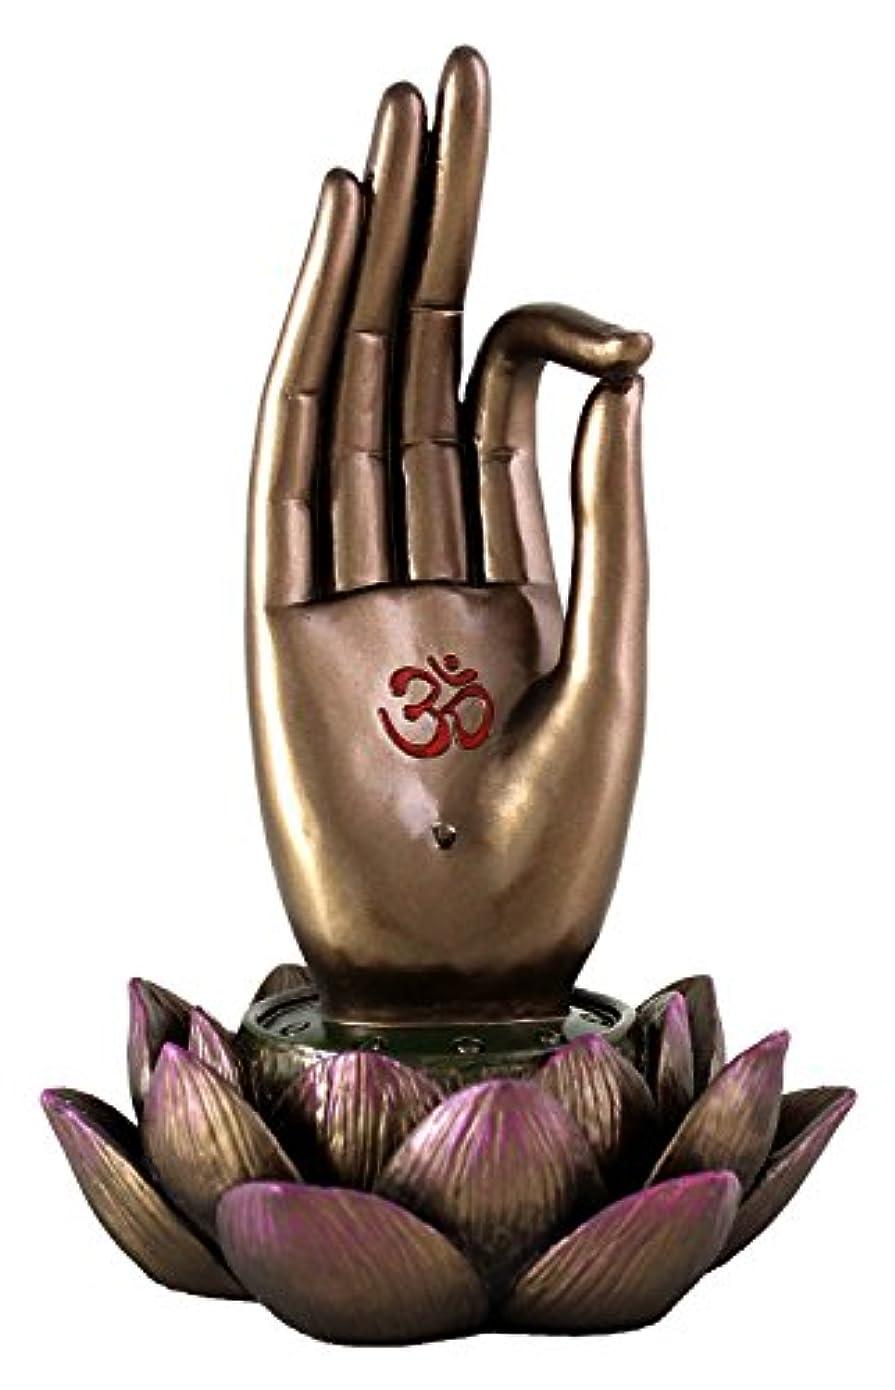 マティス設計スペシャリストBuddha Hand and Lotus Flower Vitarka Mudra Incense Holder Incense Burner